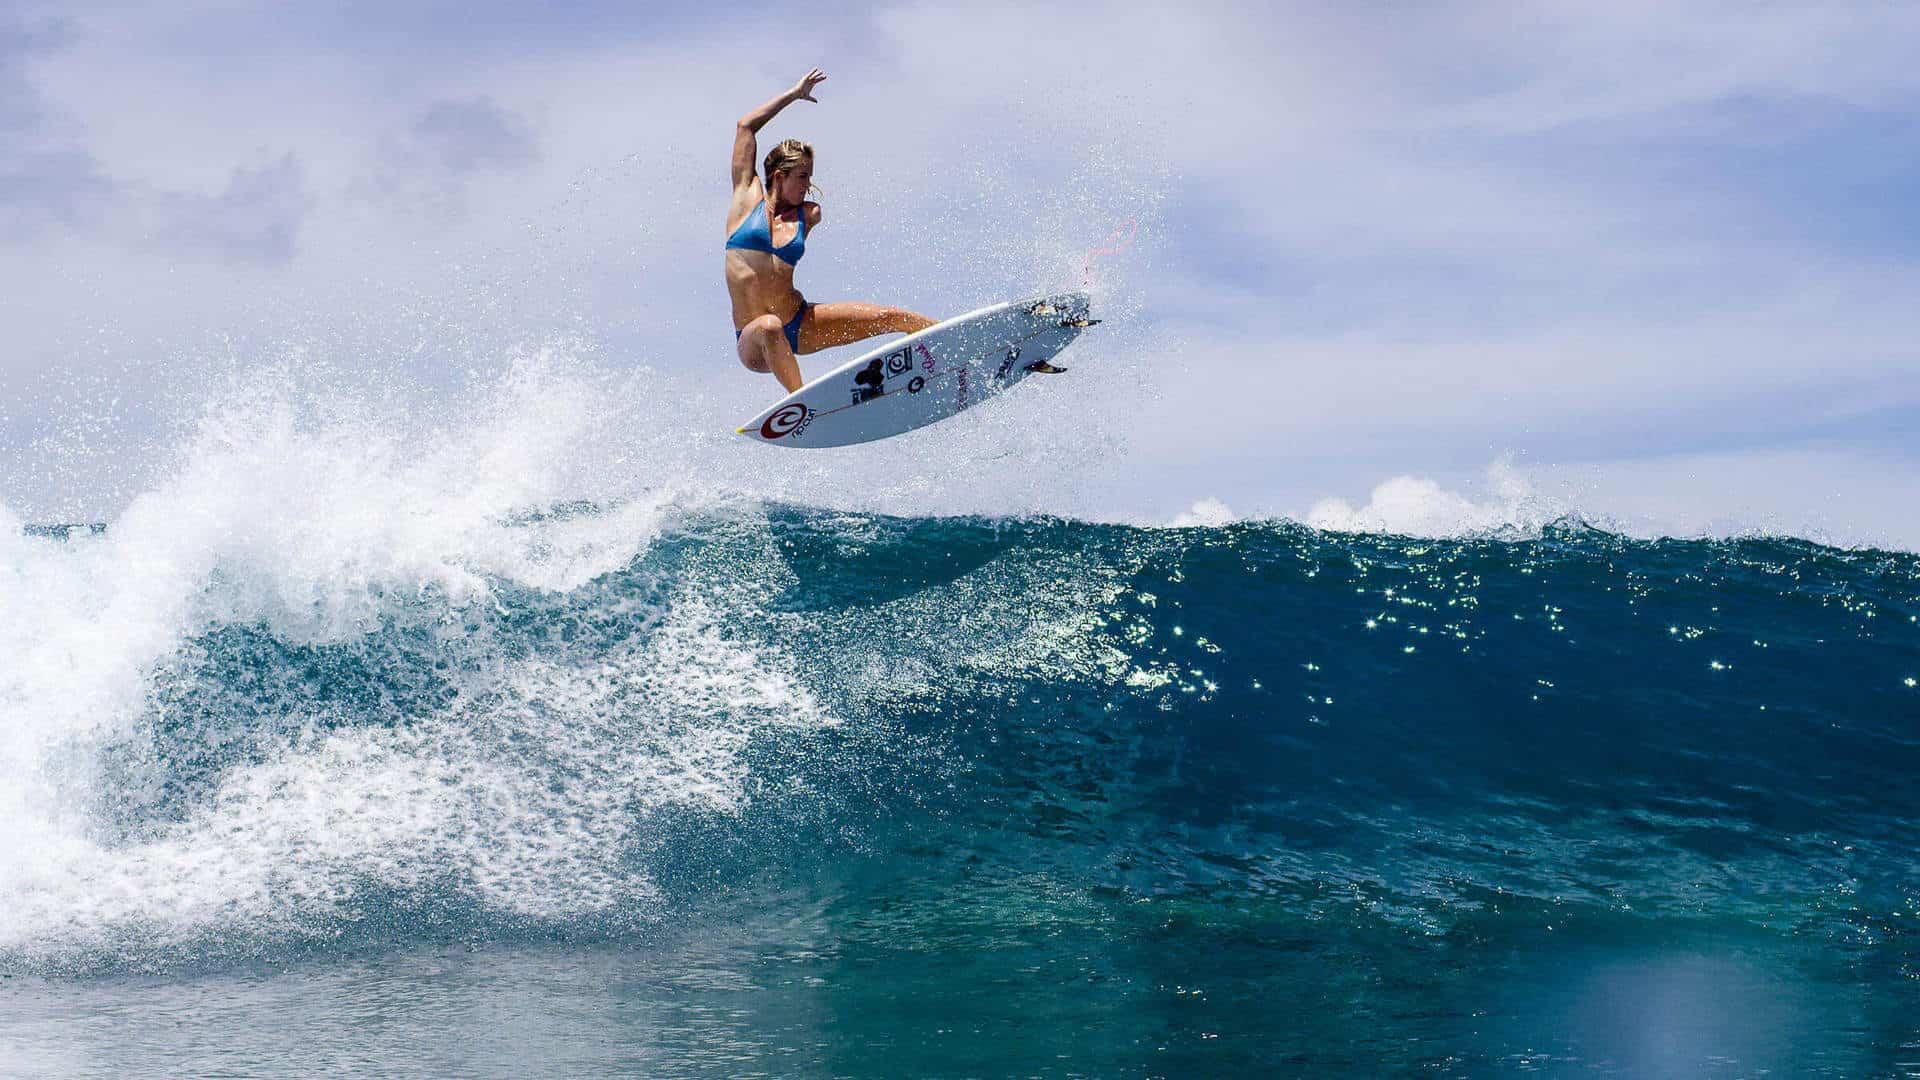 soul surfer bethany hamilton